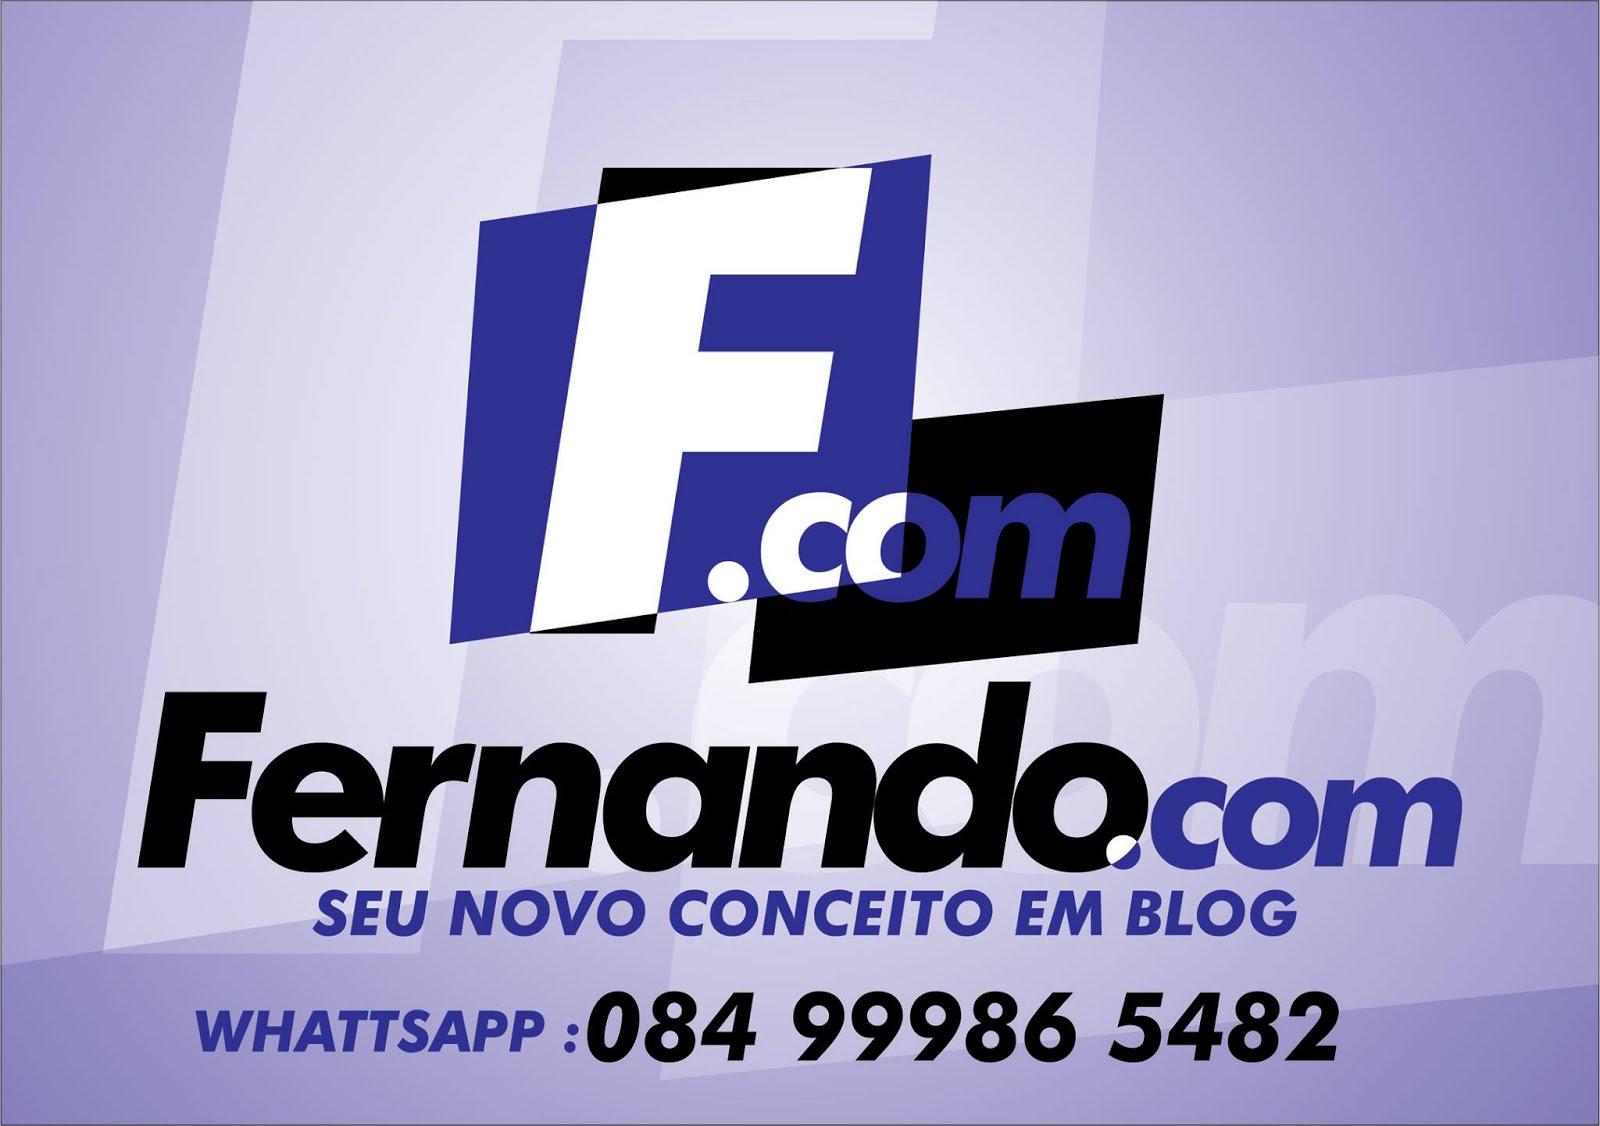 Fernando.com Seu Novo Conceito em Blog